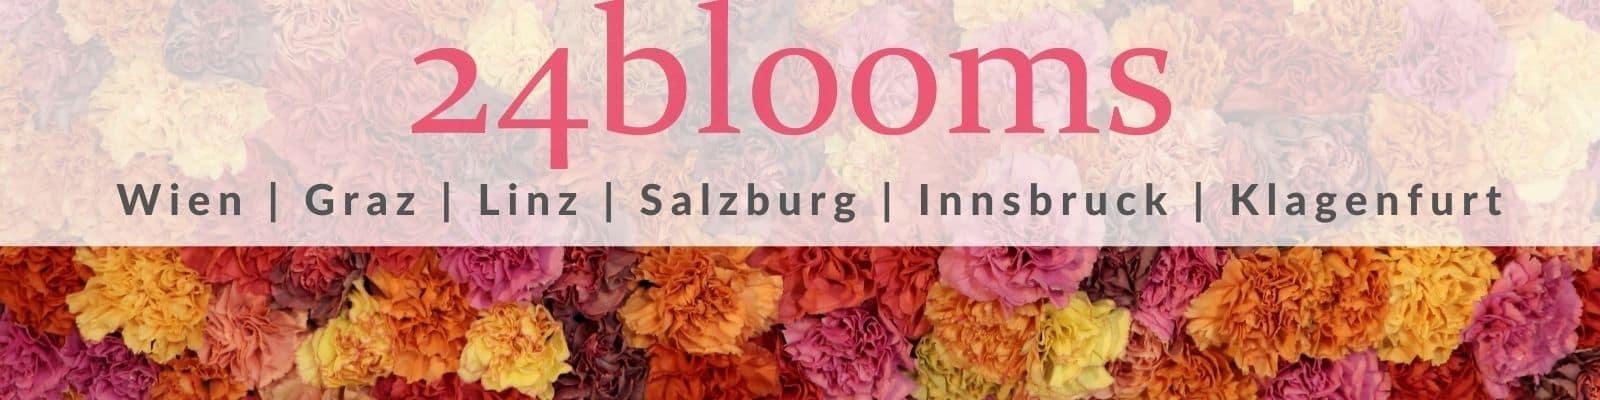 Blumenversand Österreich - Wien -Graz - Linz -Salzburg - Innsbruck - Klagenfurt